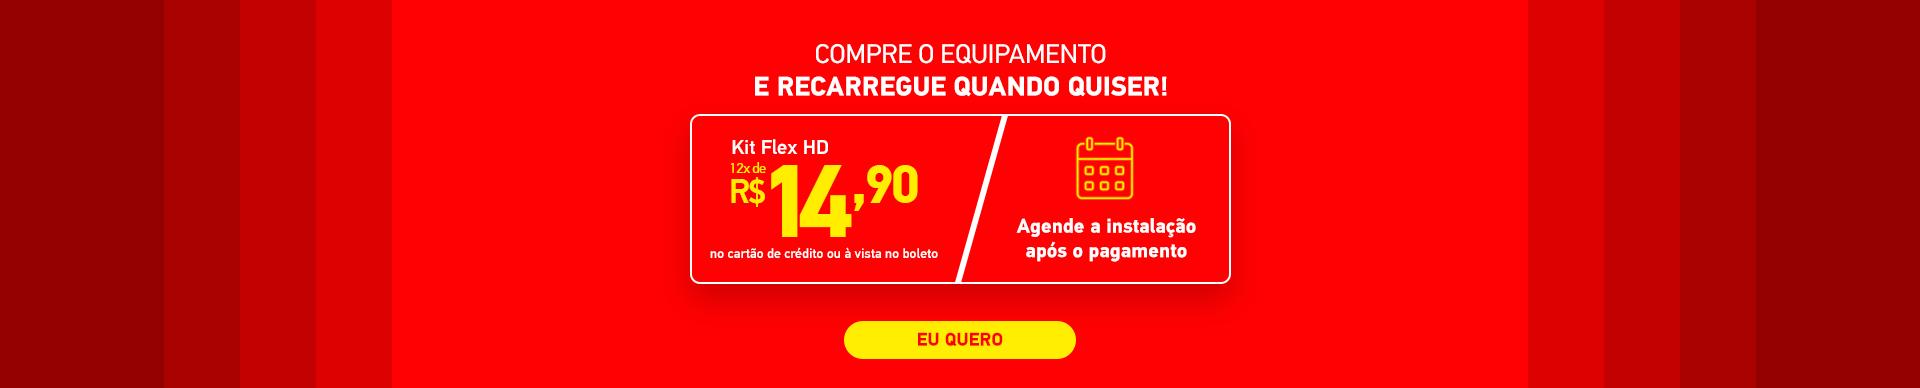 SKY pré-pago, kit flex HD por apenas 12x de 14,90